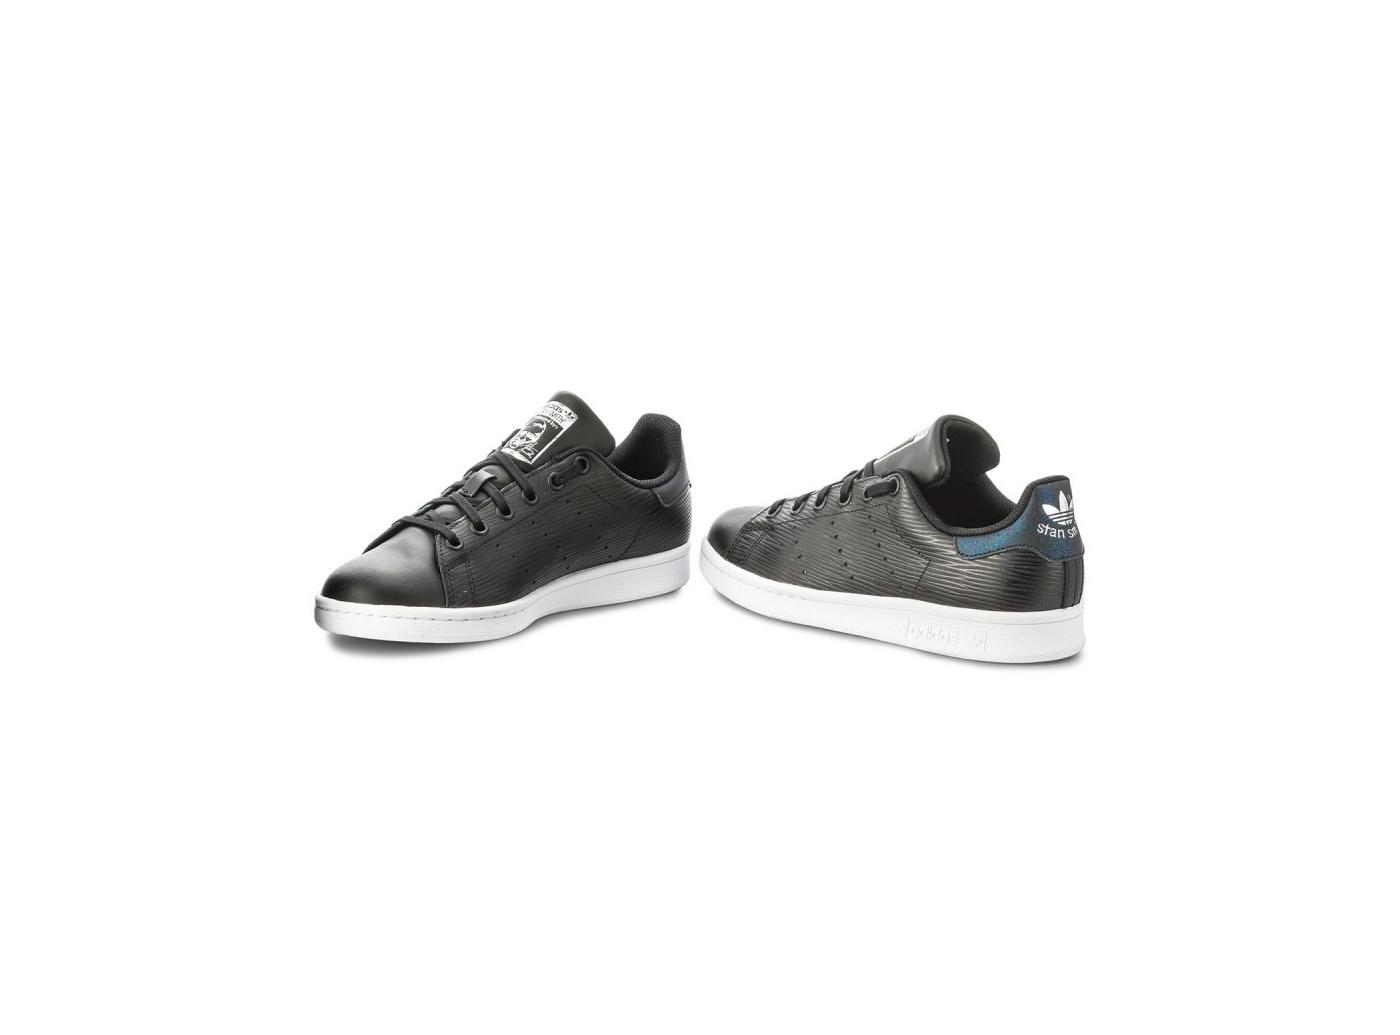 adidas stan smith noir semelle blanche